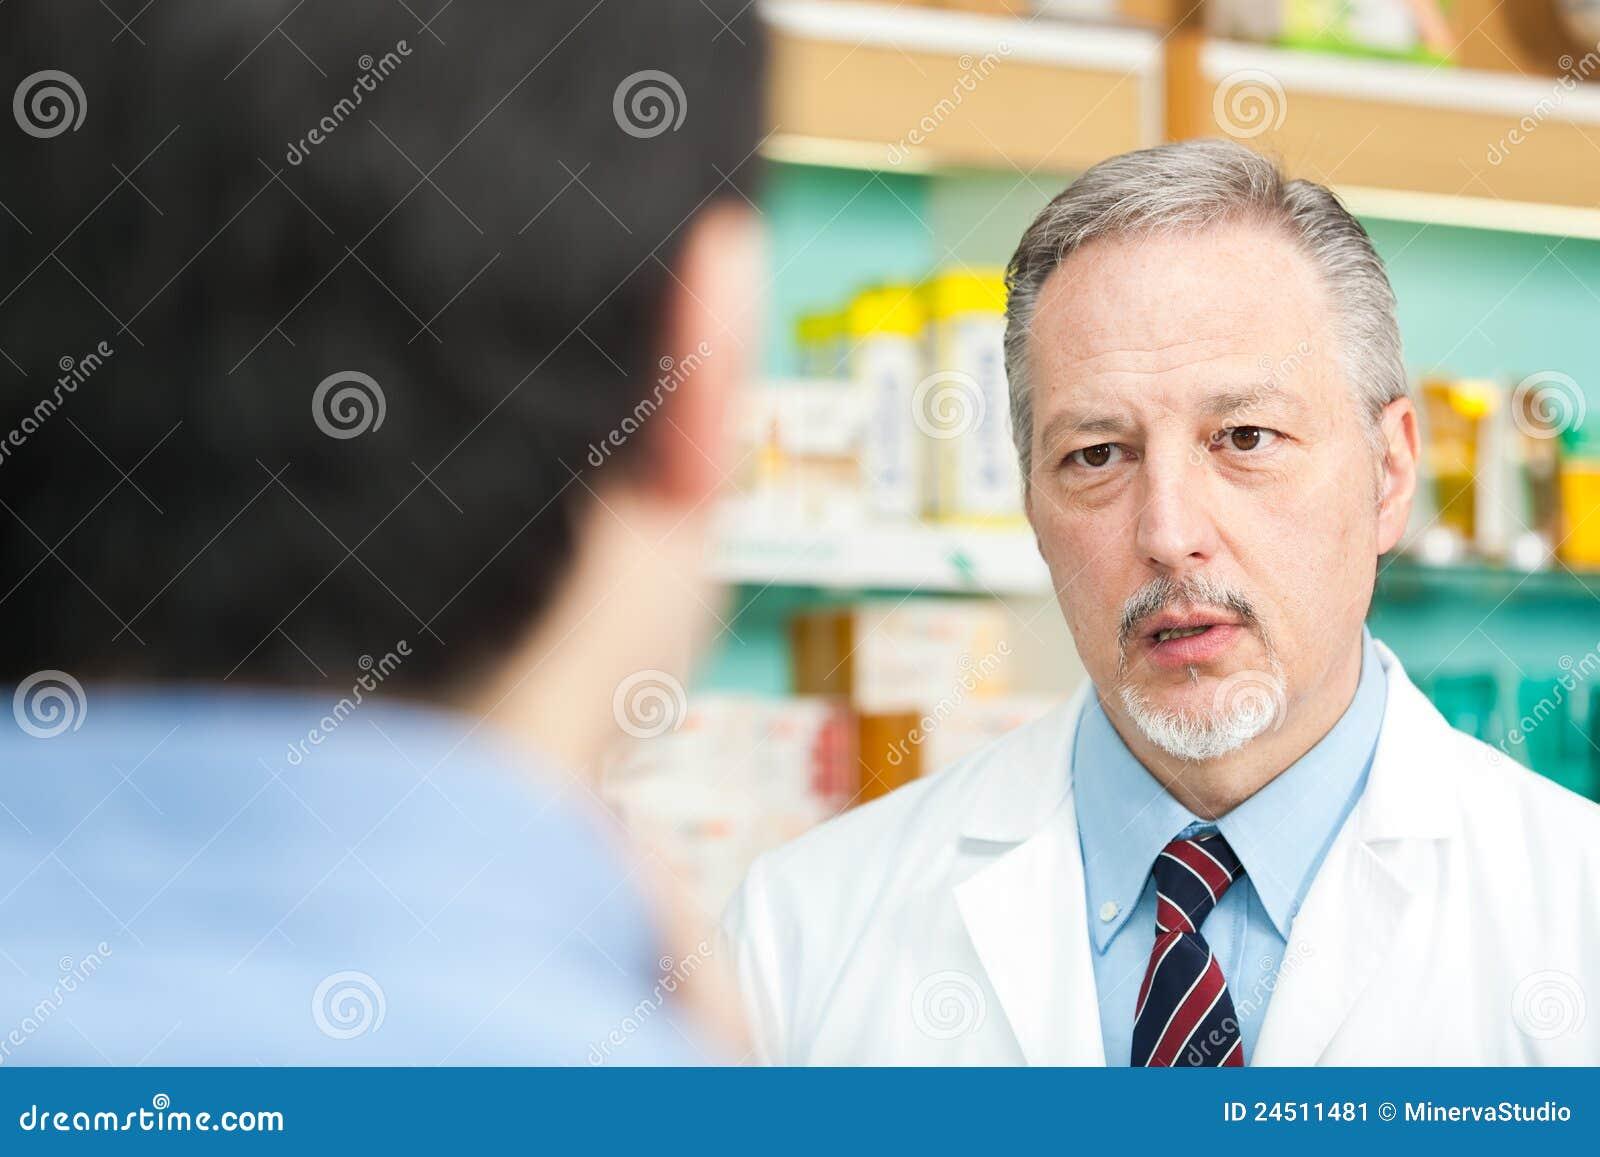 Non prescription cialis alternative